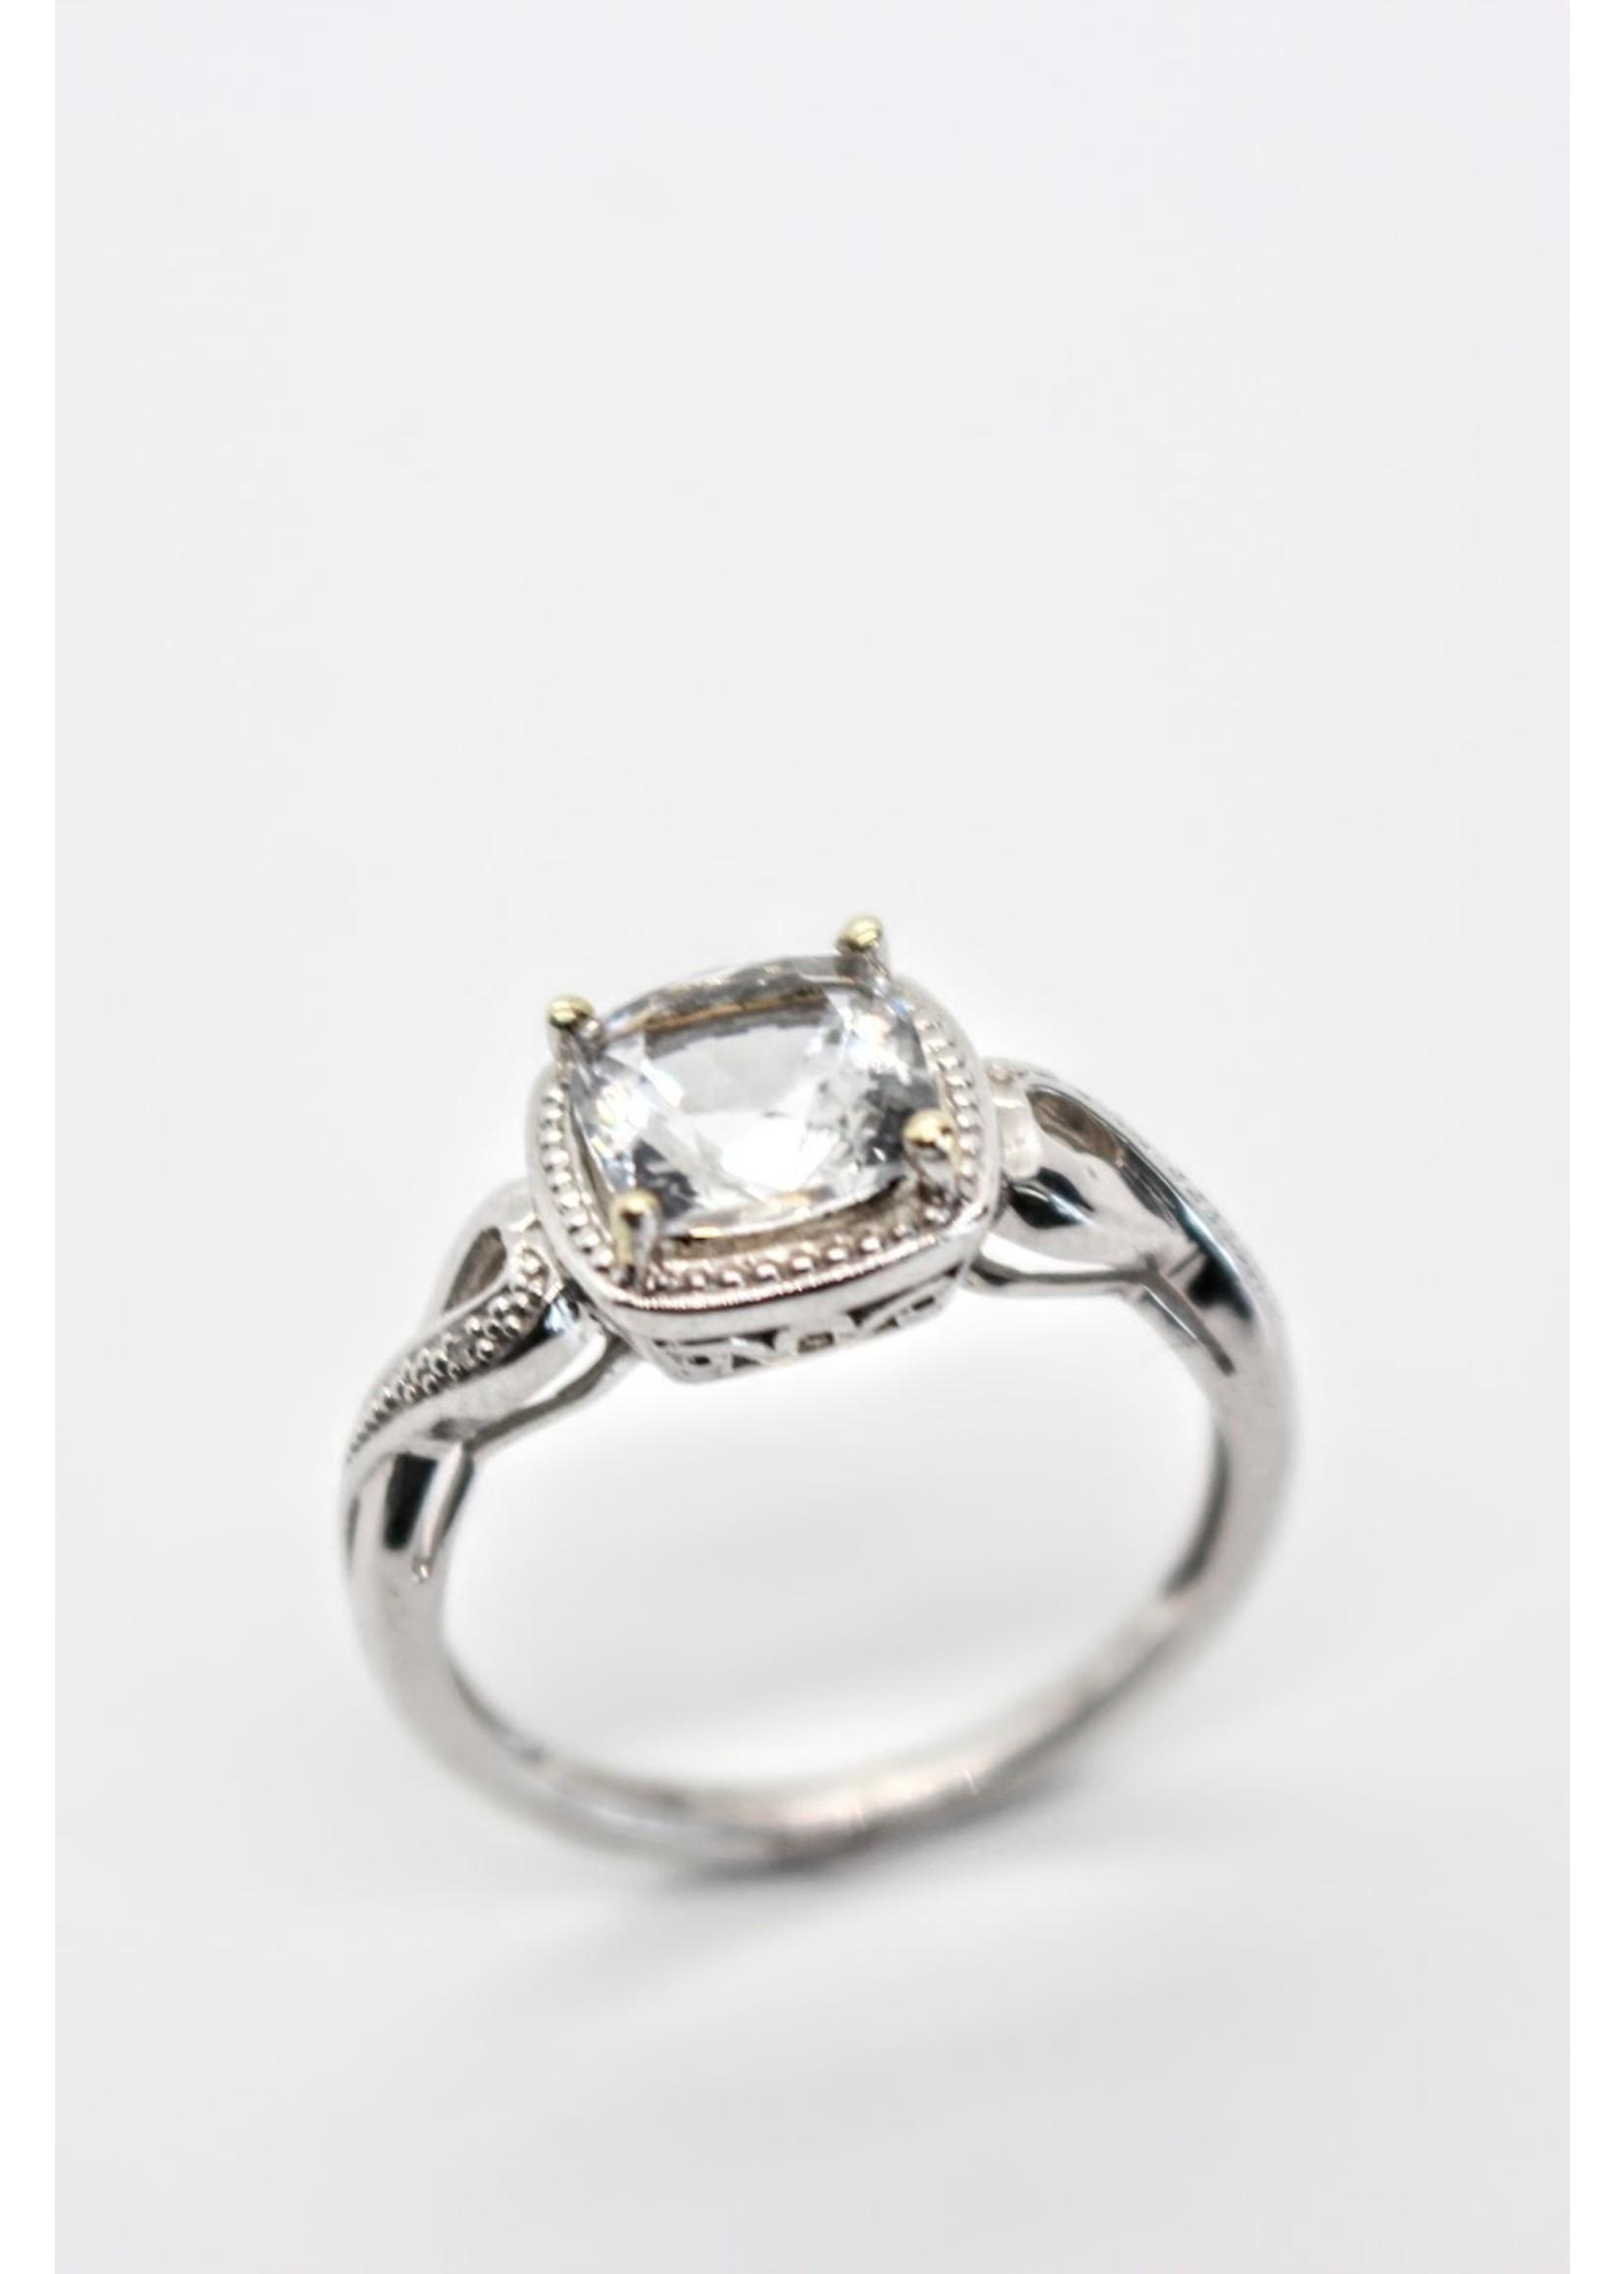 PARÉ Bague Or blanc 10K avec Diamants et Topaz